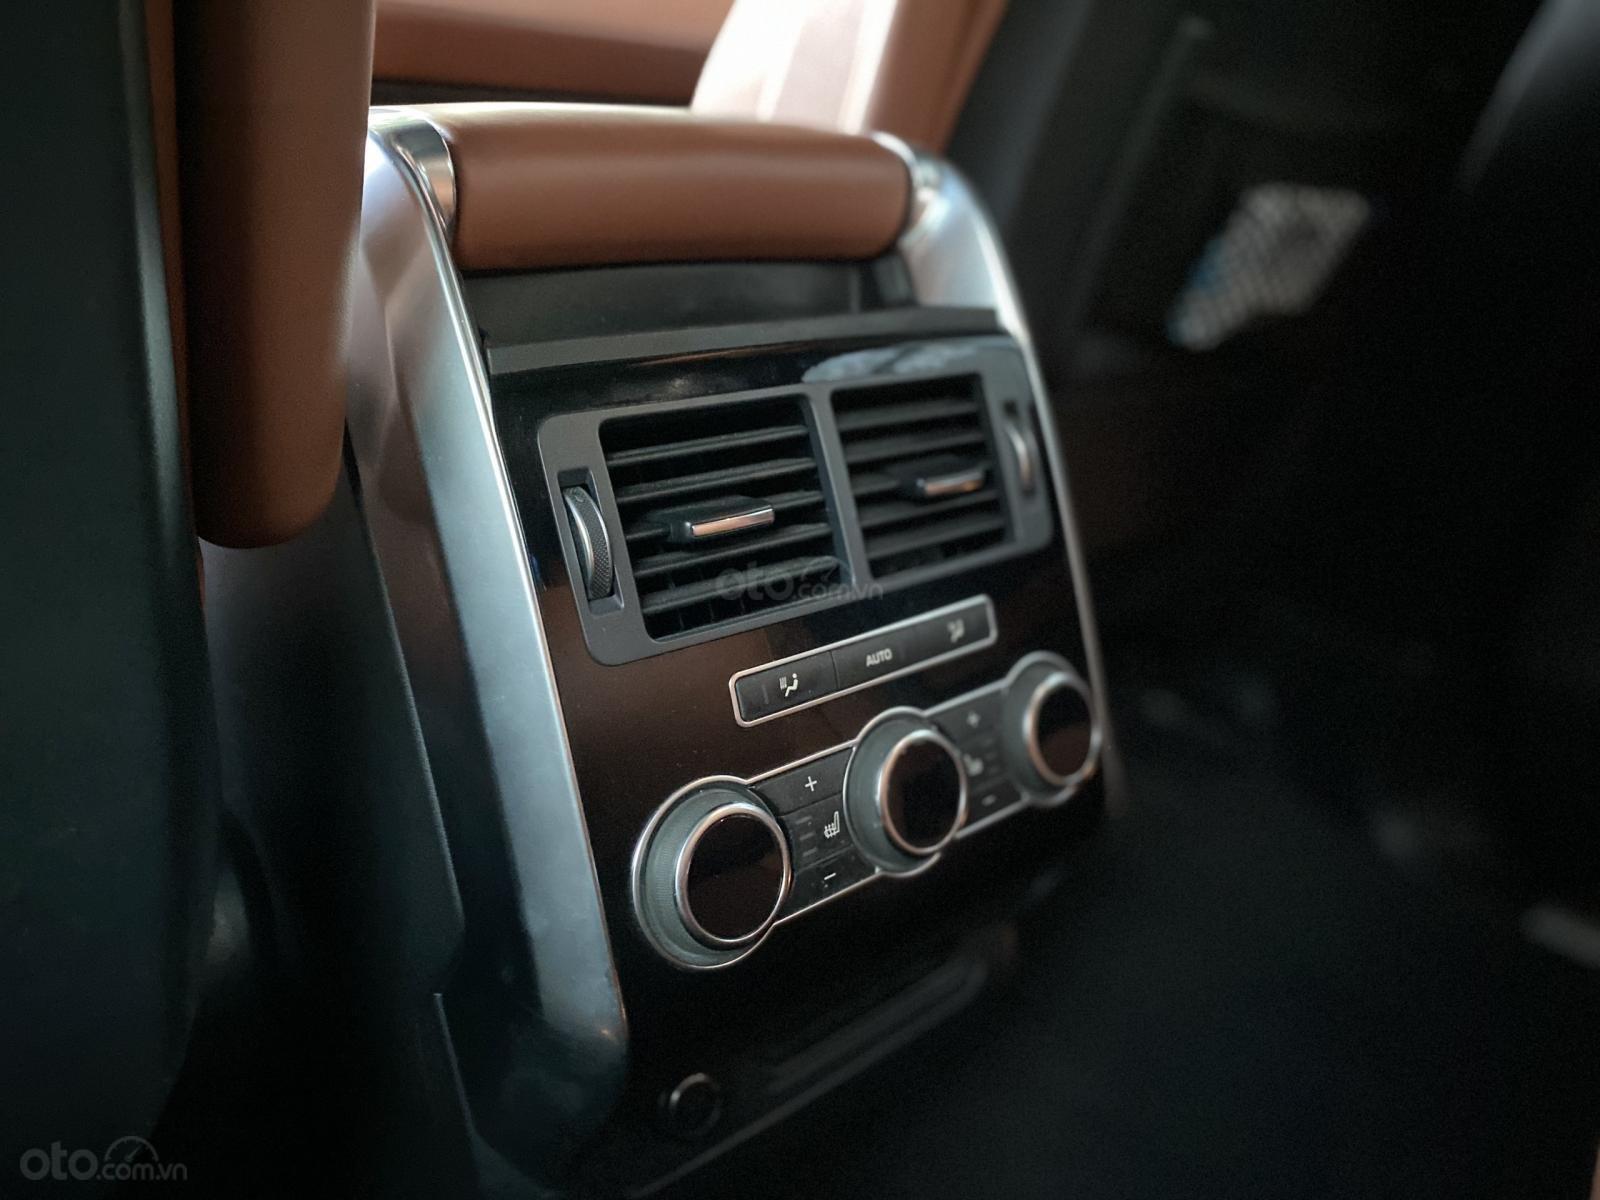 Range Rover Sport Superchac 5.0 sản xuất 2013, đăng ký 2016, đen da bò, hàng siêu hiếm (9)